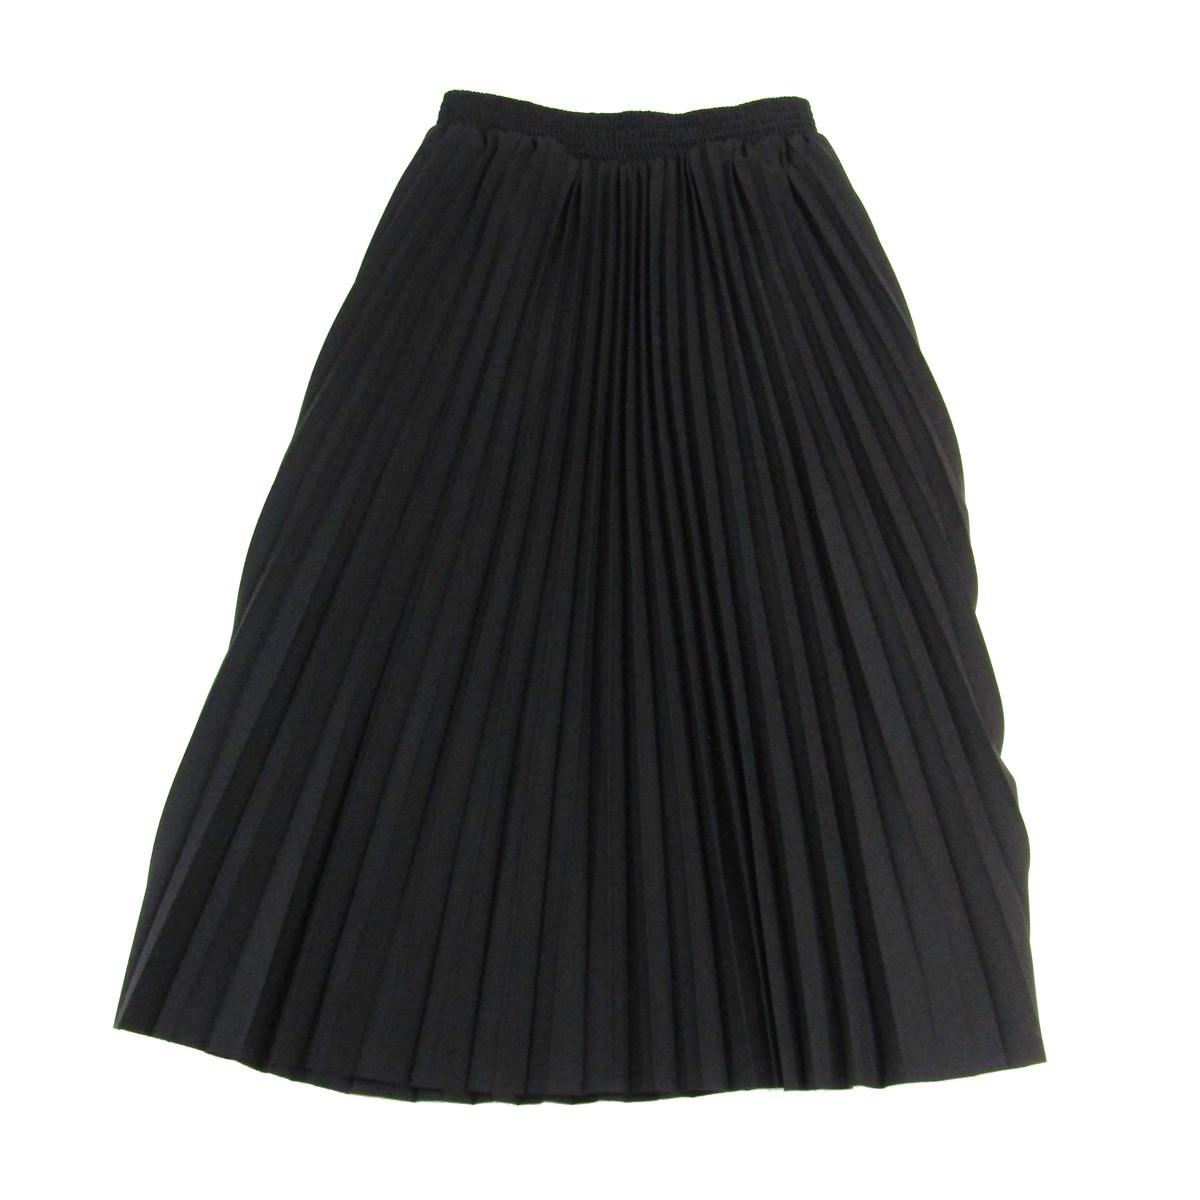 【中古】BALENCIAGA HOURGLASS PLEATED SKIRT volume on hips プリーツスカート ブラック サイズ:38 【010820】(バレンシアガ)